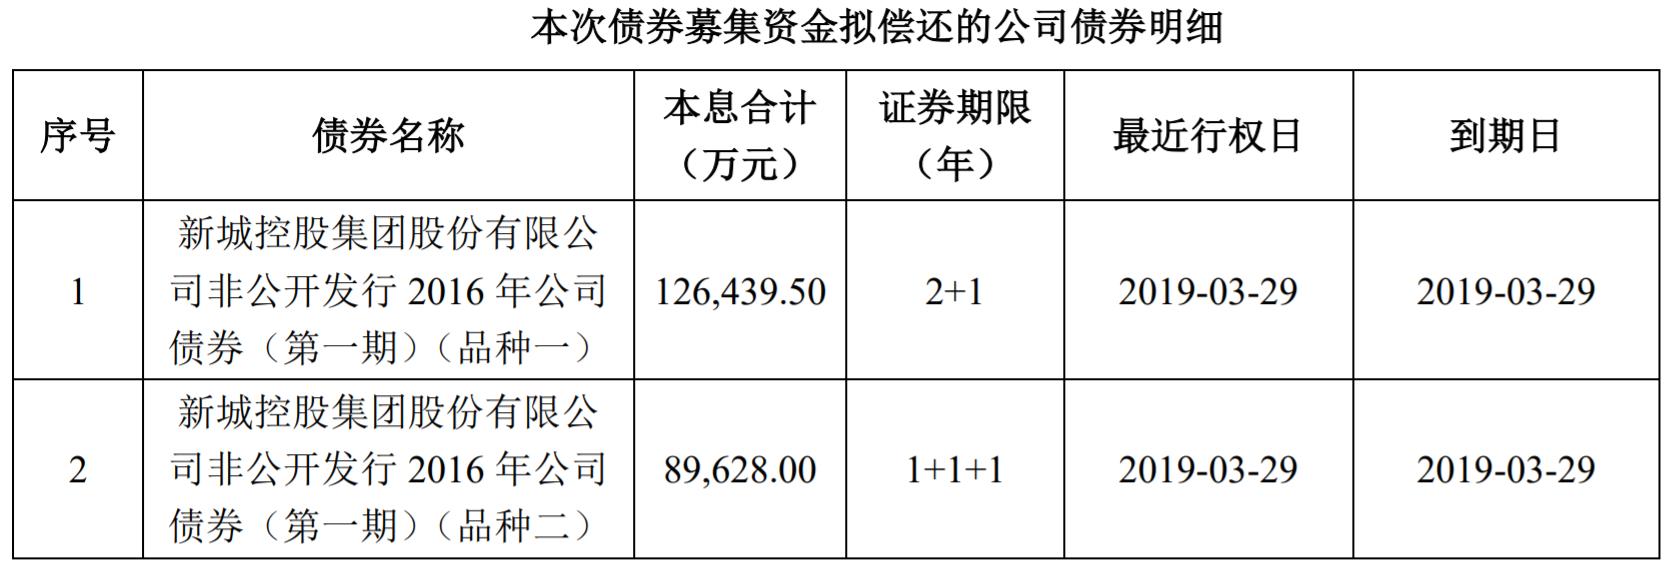 新城控股38亿绿色债变身21.6亿公司债,一季度负债率86%